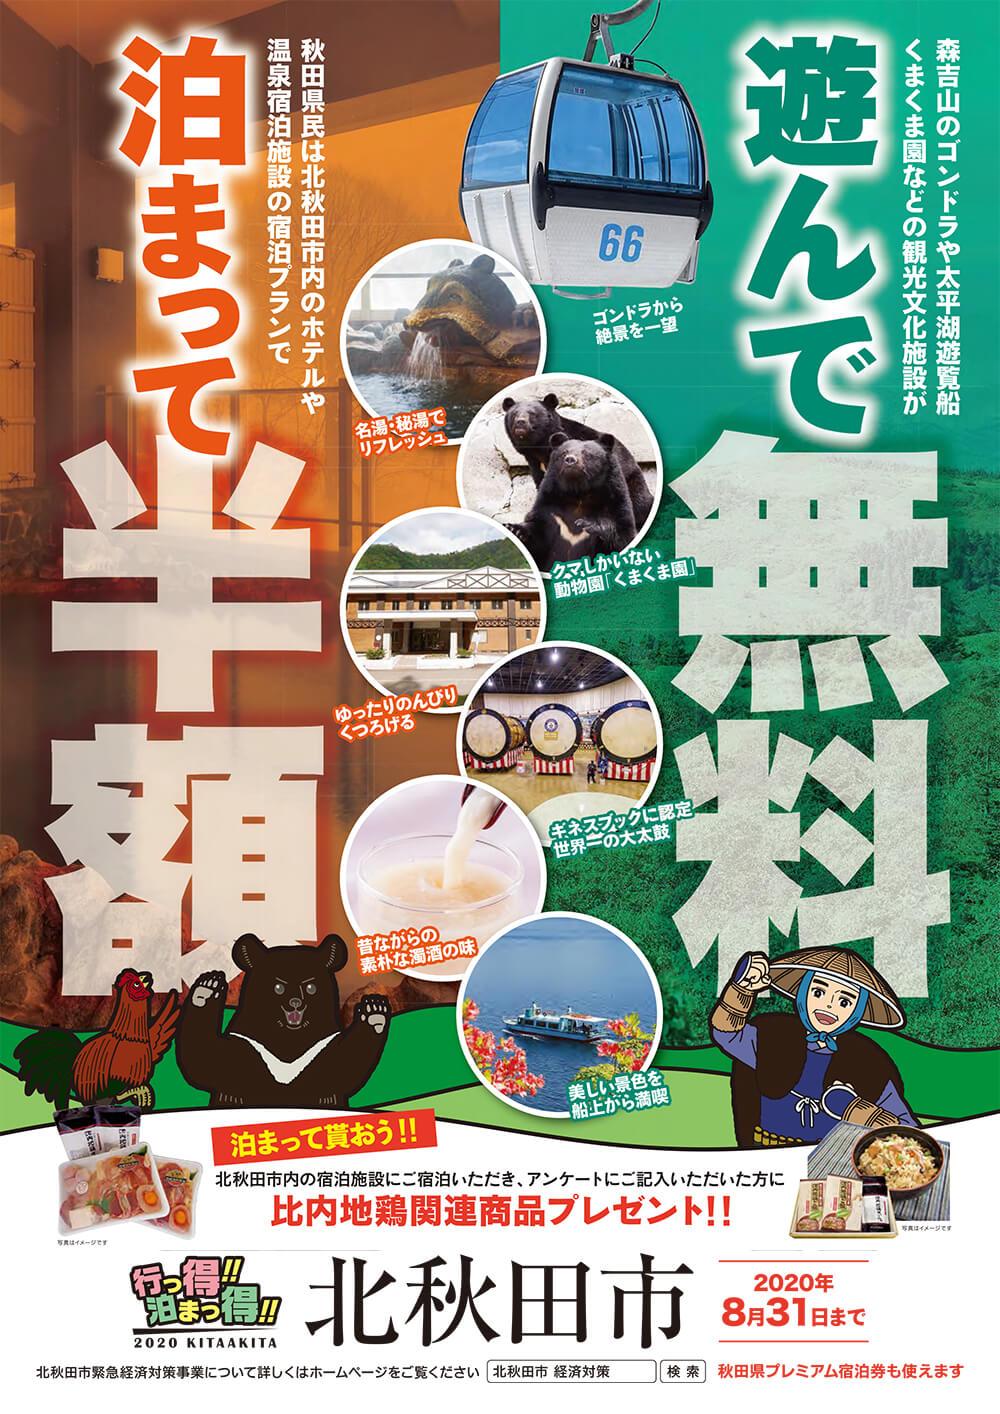 行っ得!泊まっ得!2020北秋田夏の観光キャンペーン表